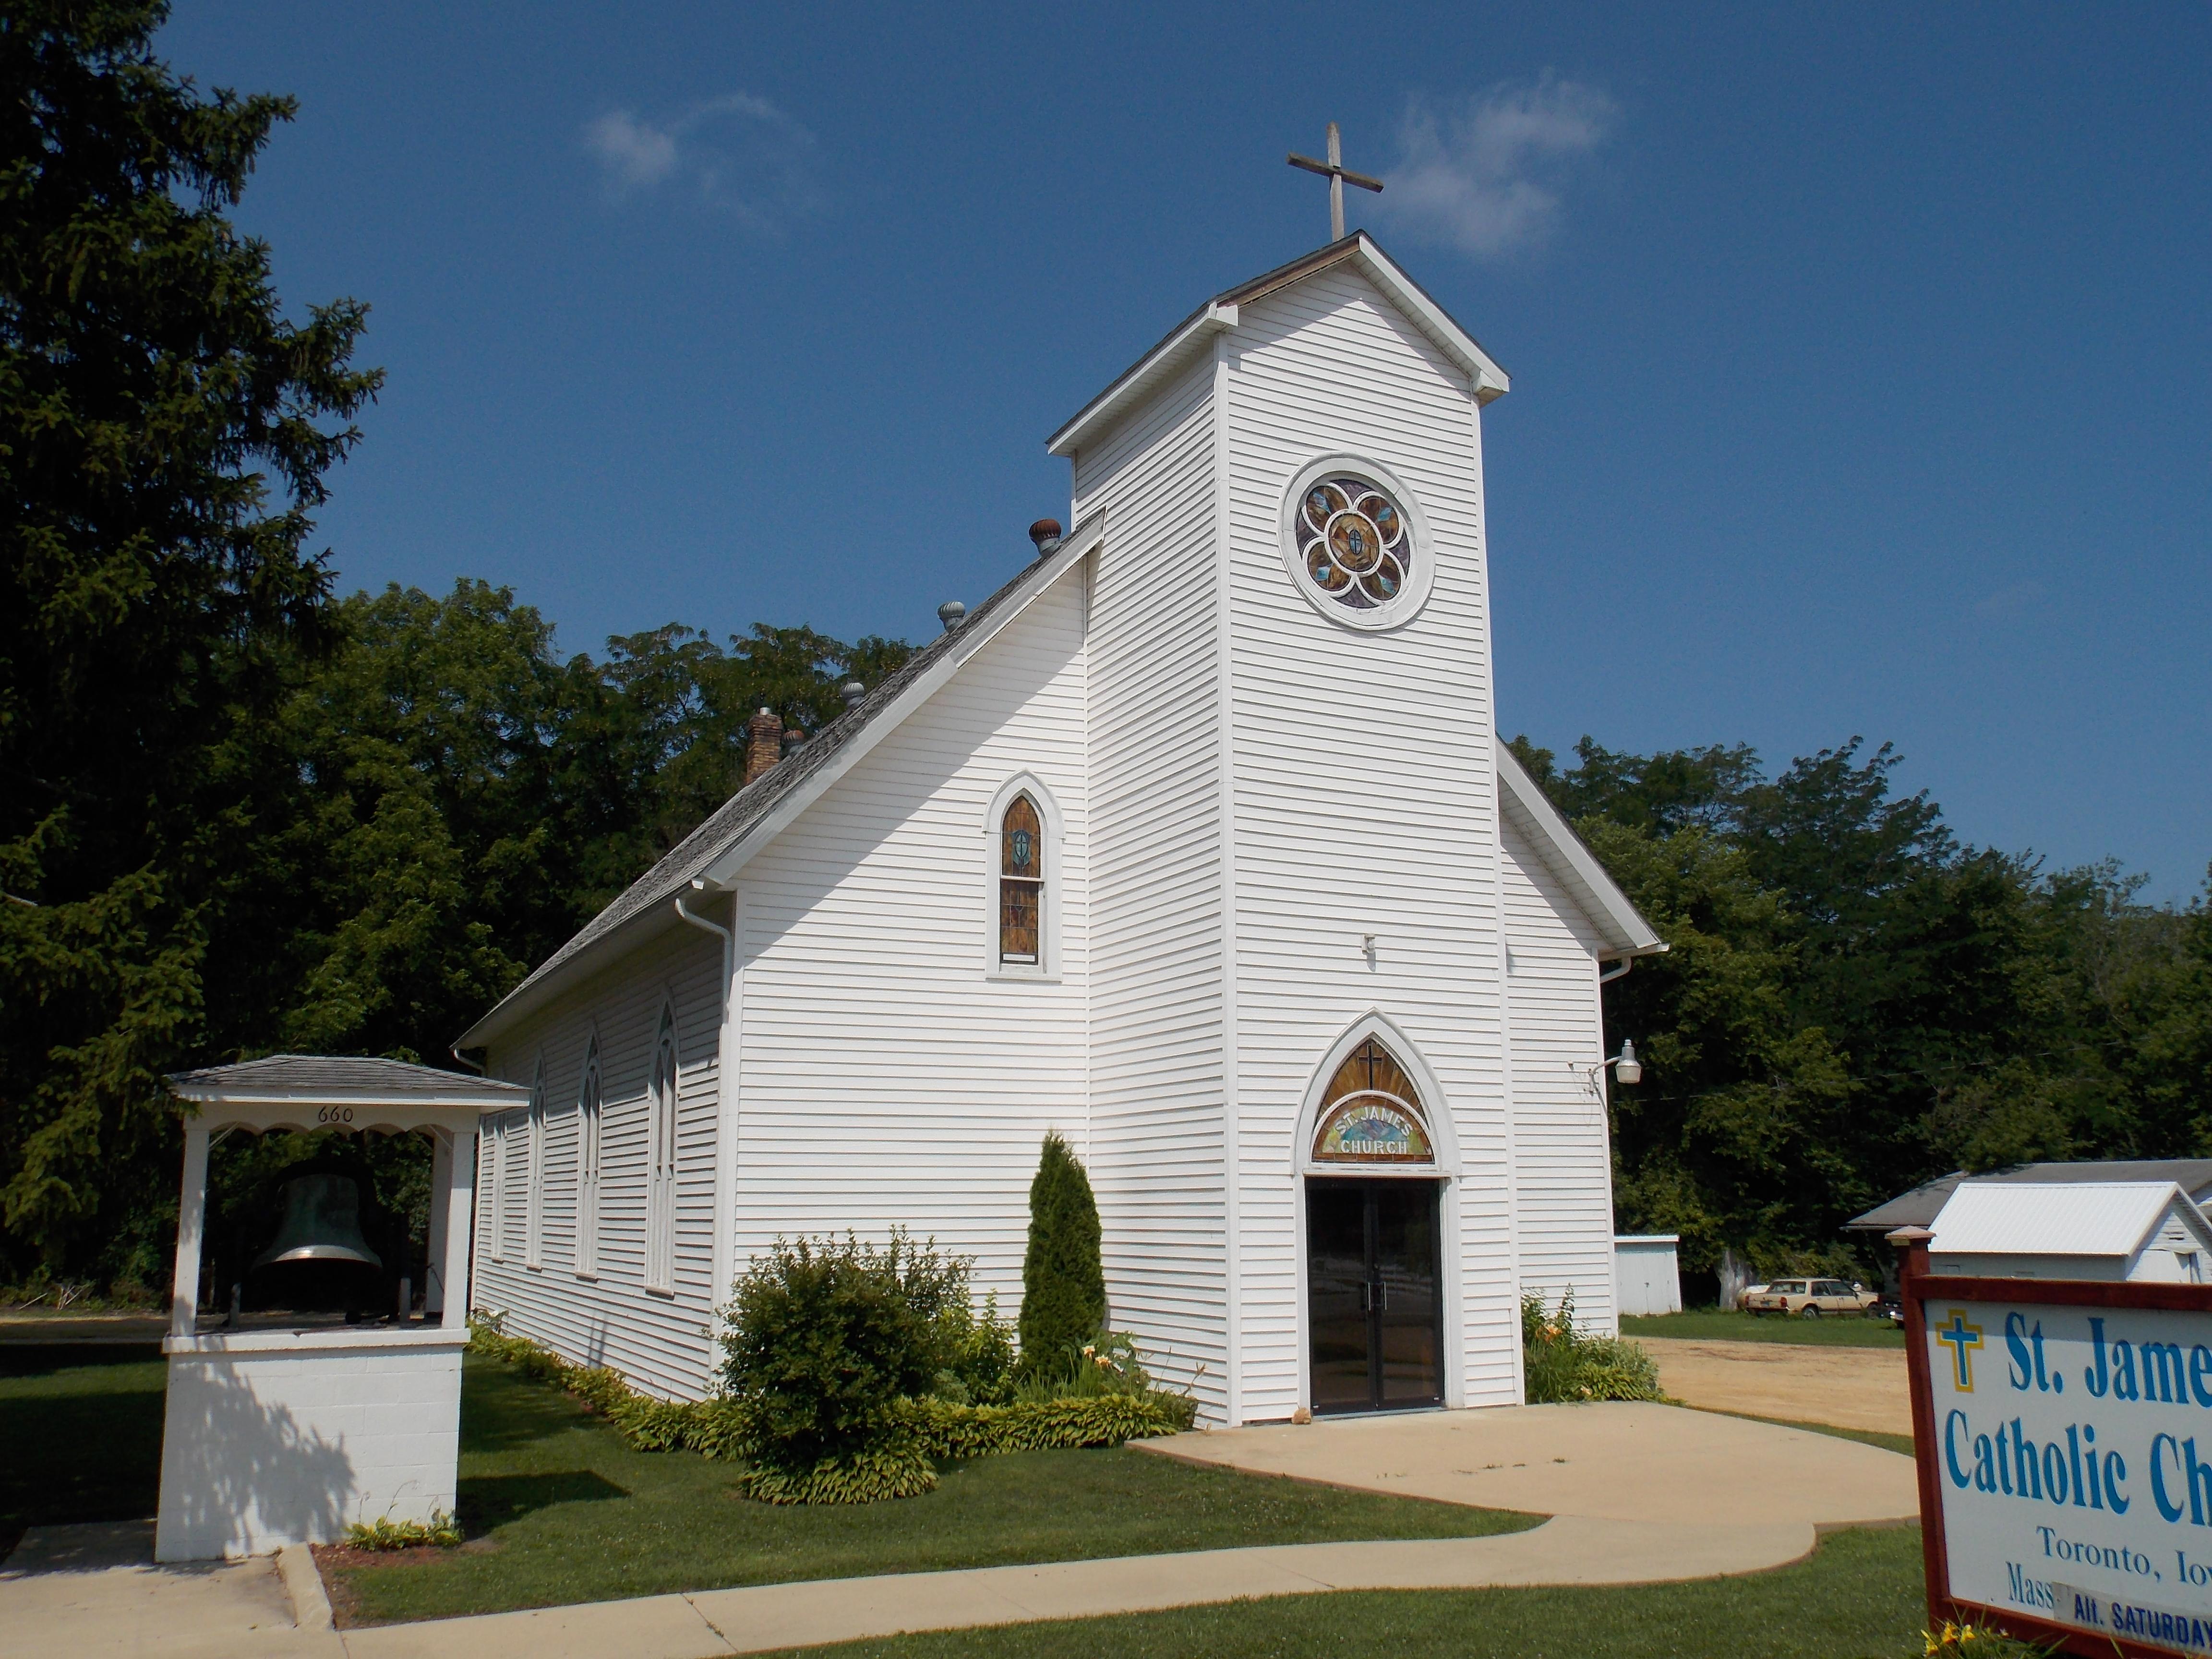 ملف:Saint James Church - Toronto, Iowa JPG - ويكيبيديا، الموسوعة الحرة